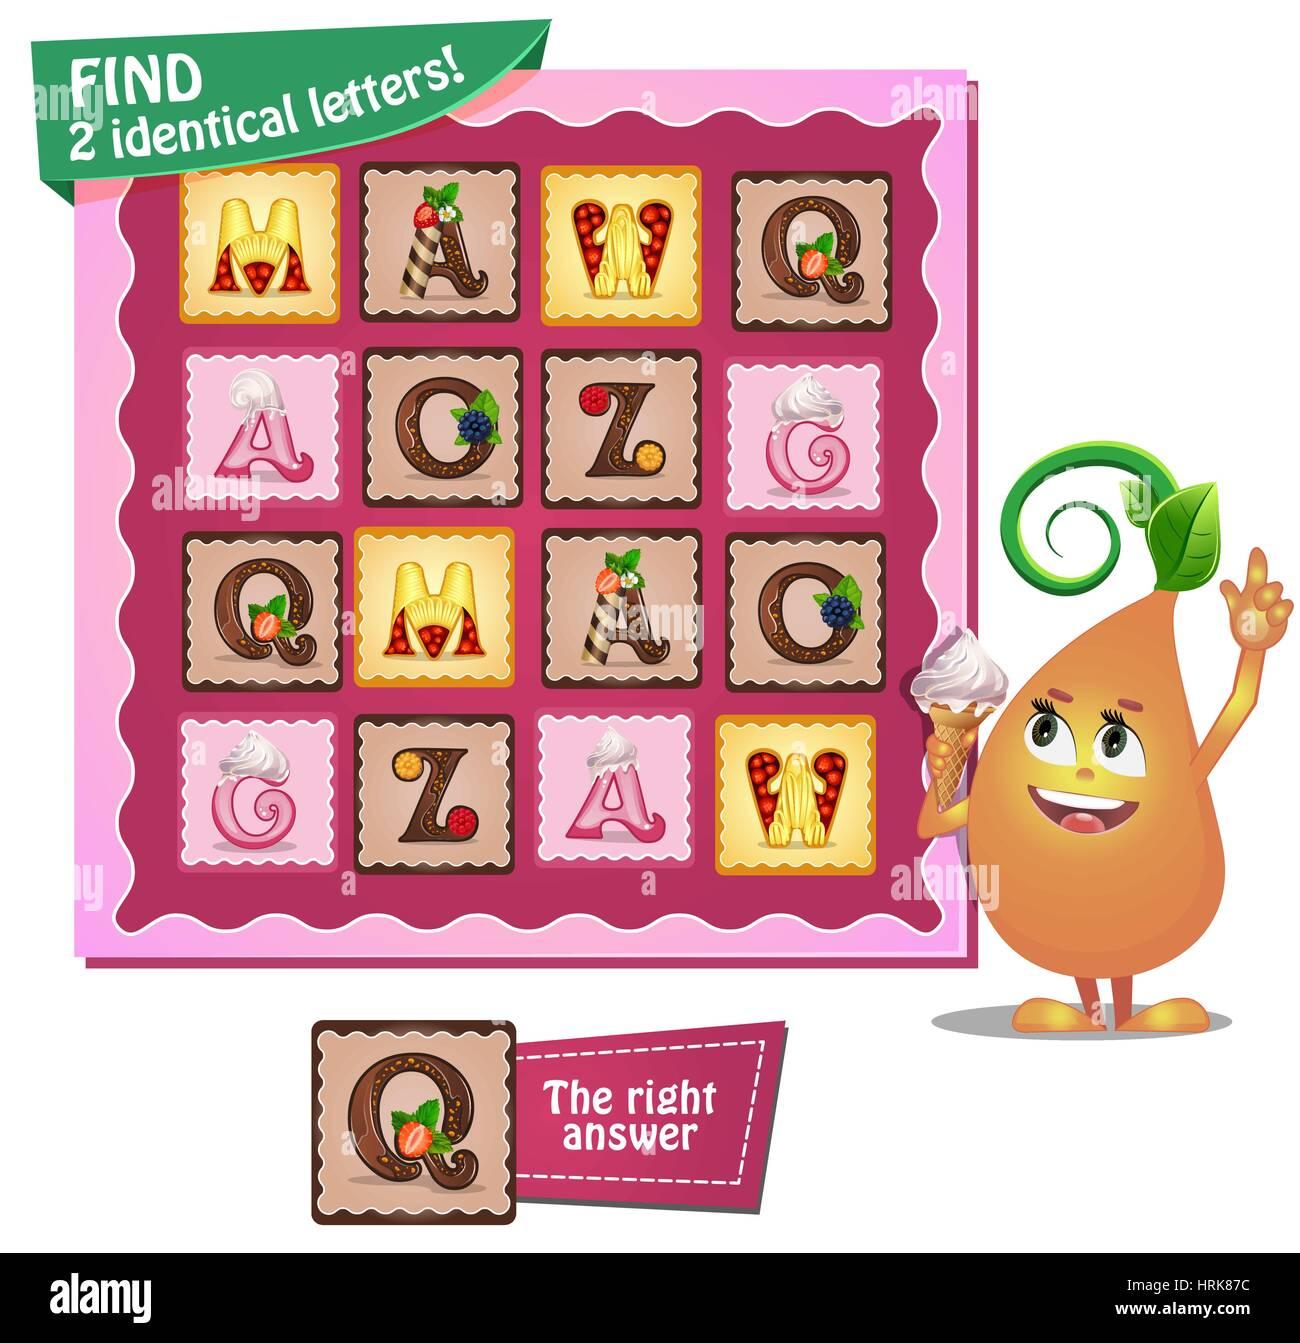 Visuelle Spiel für Kinder. Aufgabe: ermitteln Sie zwei identische ...